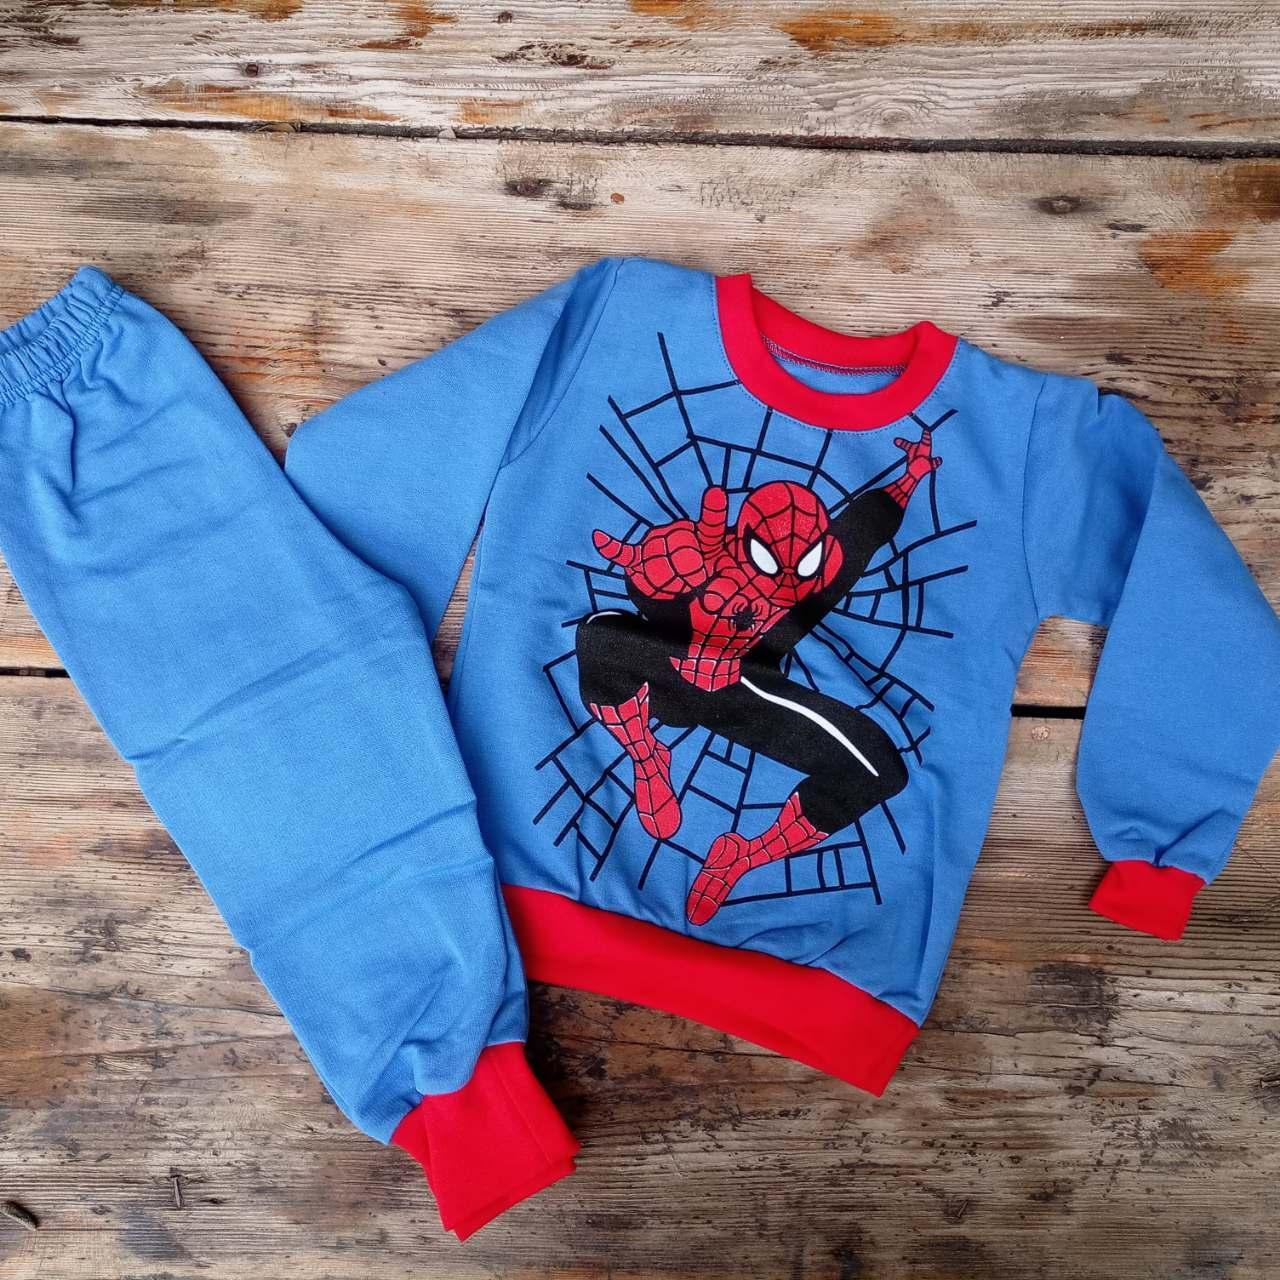 Детская пижама для мальчика Человек паук флисовая 86-92 ...